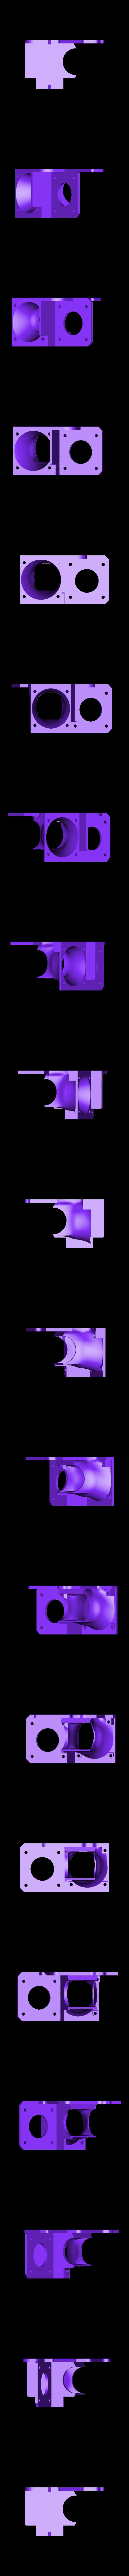 MainPart.stl Télécharger fichier STL gratuit Ender 3 clone BMG V6 avec des fans de créalité • Design à imprimer en 3D, nightmare670